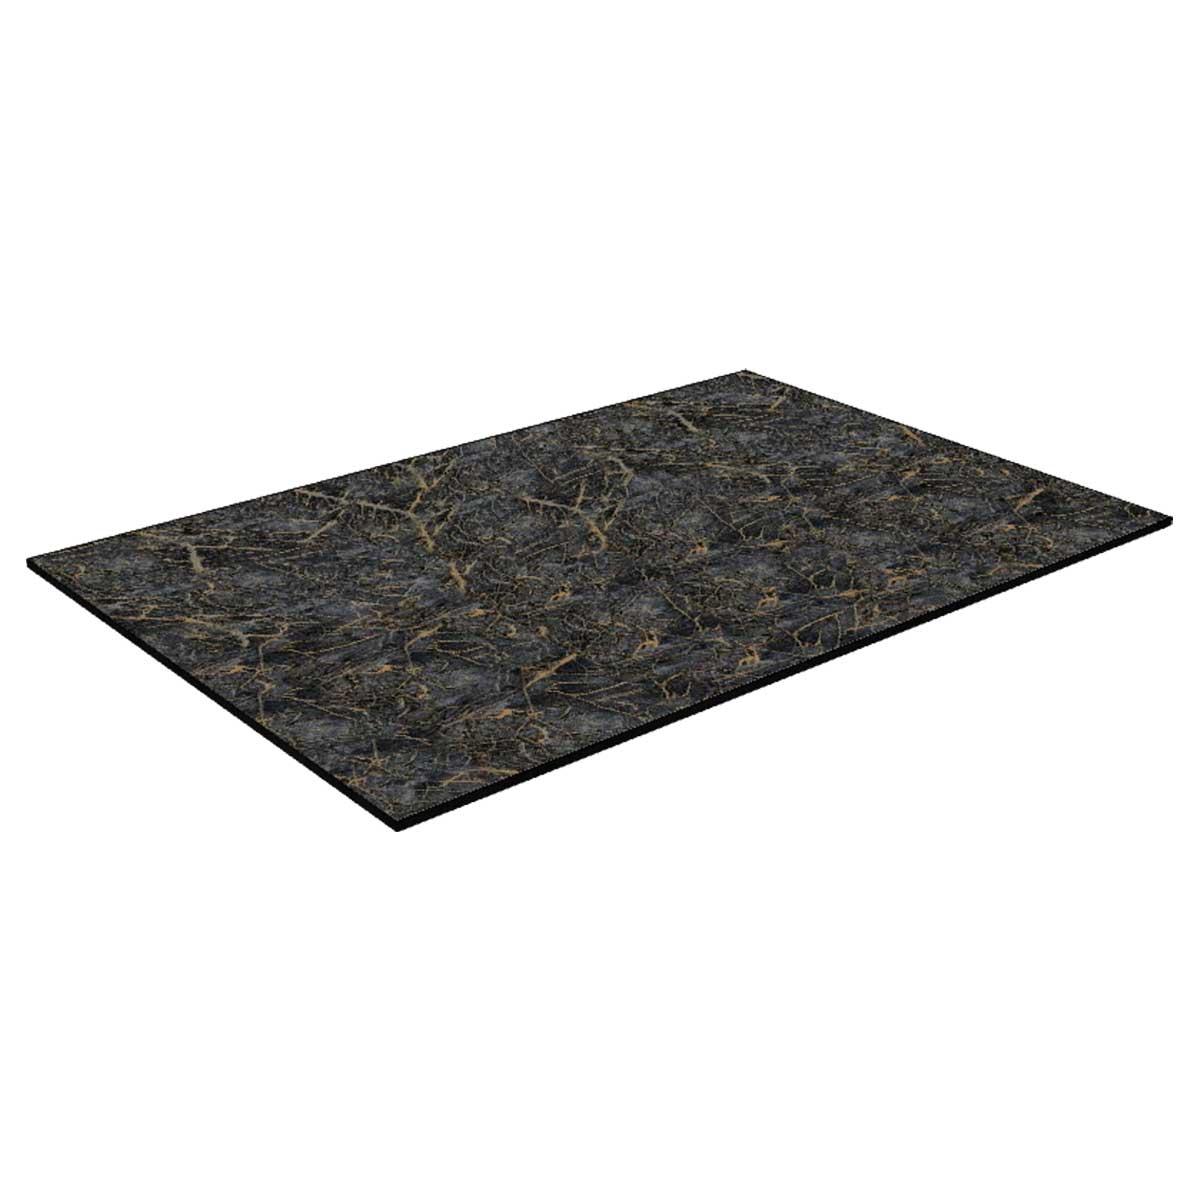 TICAR E120X80 174 - https://www.werzalit.com/fr/produit/plateau-de-table-carino-e-100x60-epaisseur-du-plateau-de-la-table-12mm-decor-174-marmor-sienna/